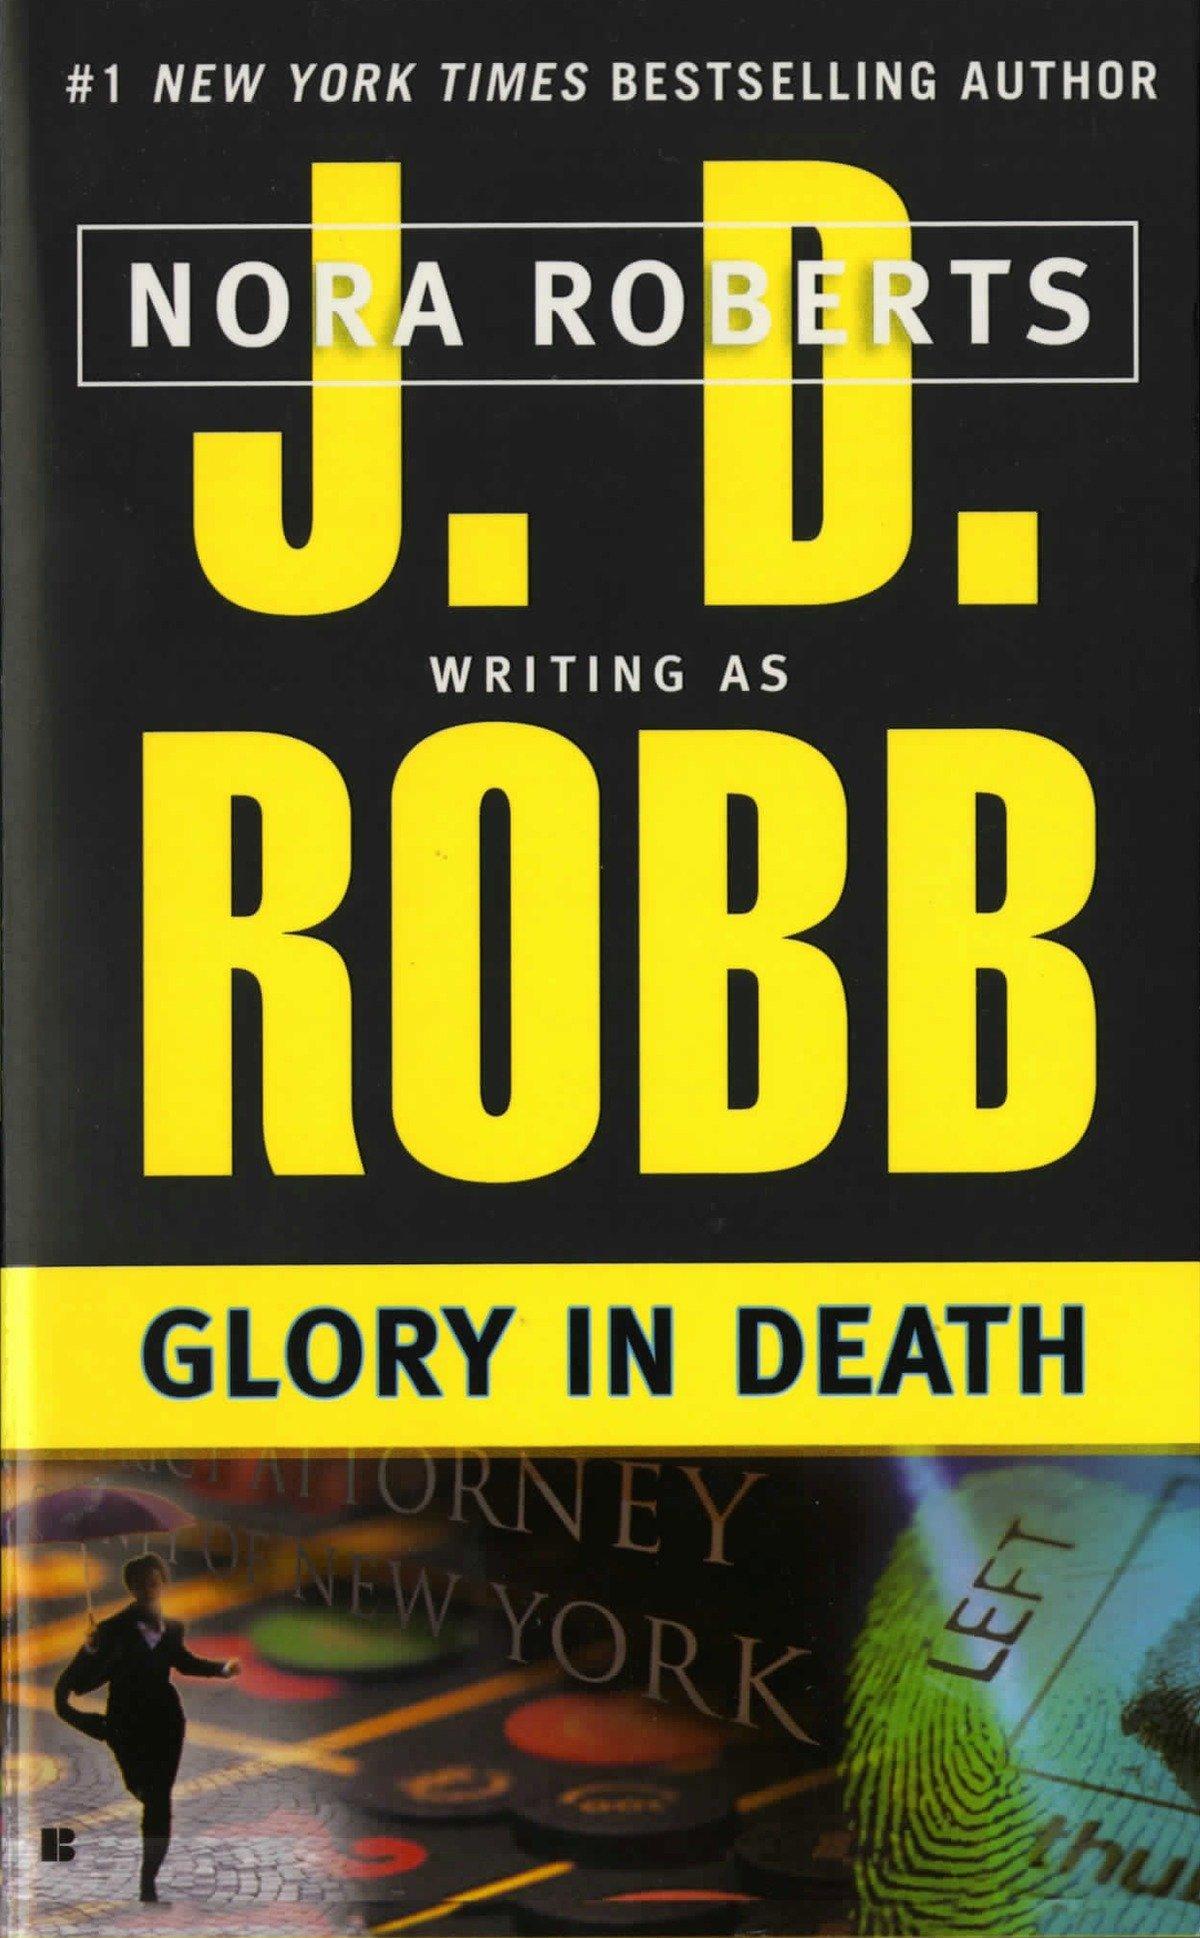 Nora Roberts books 37